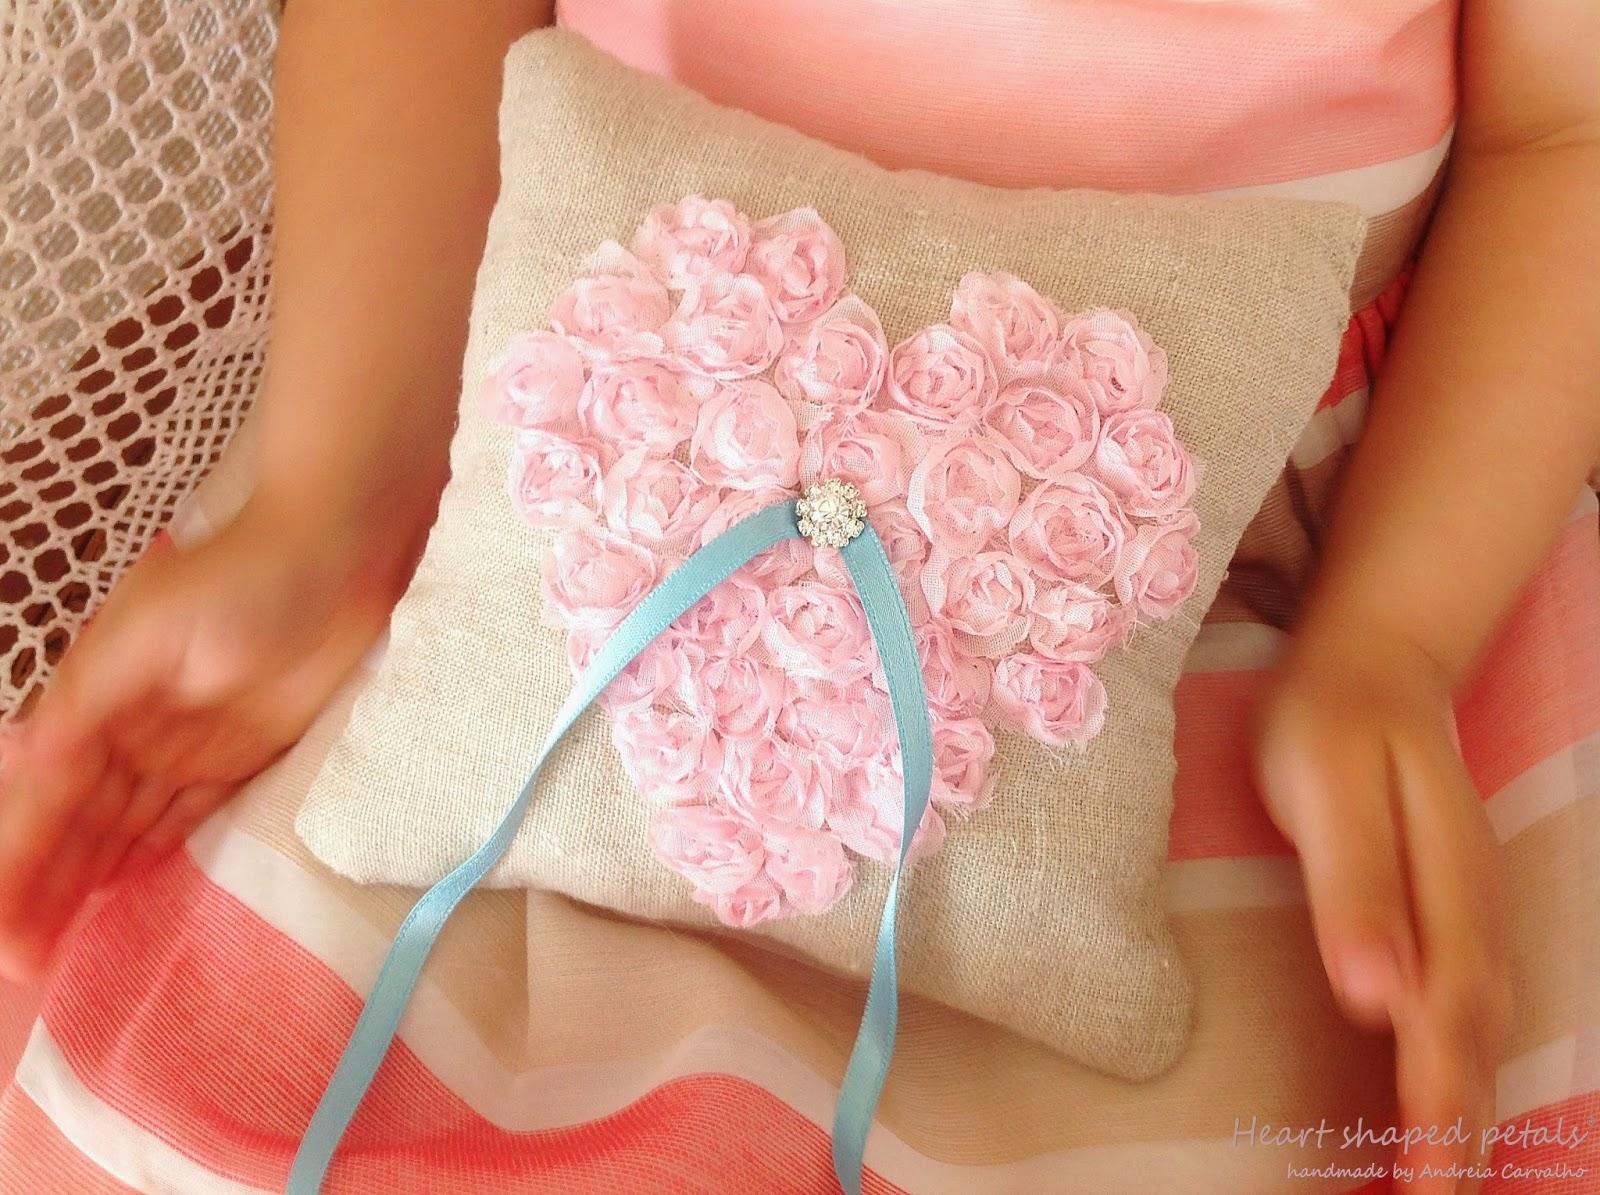 porta alianças heart shaped petals